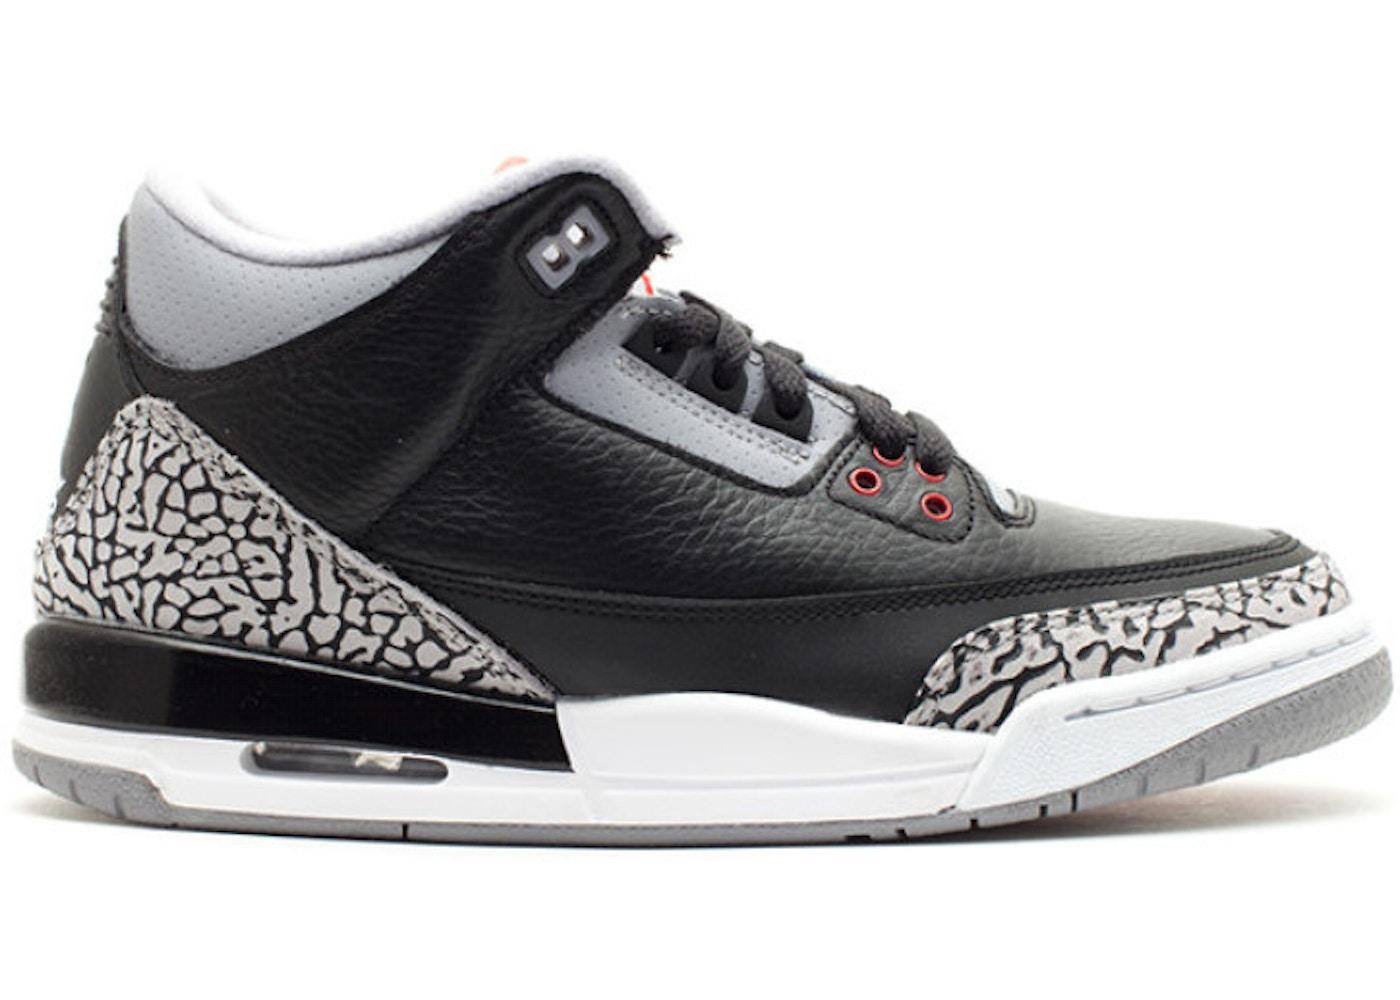 buy online d12c5 67a66 Jordan 3 Retro Black Cement 2011 (GS)